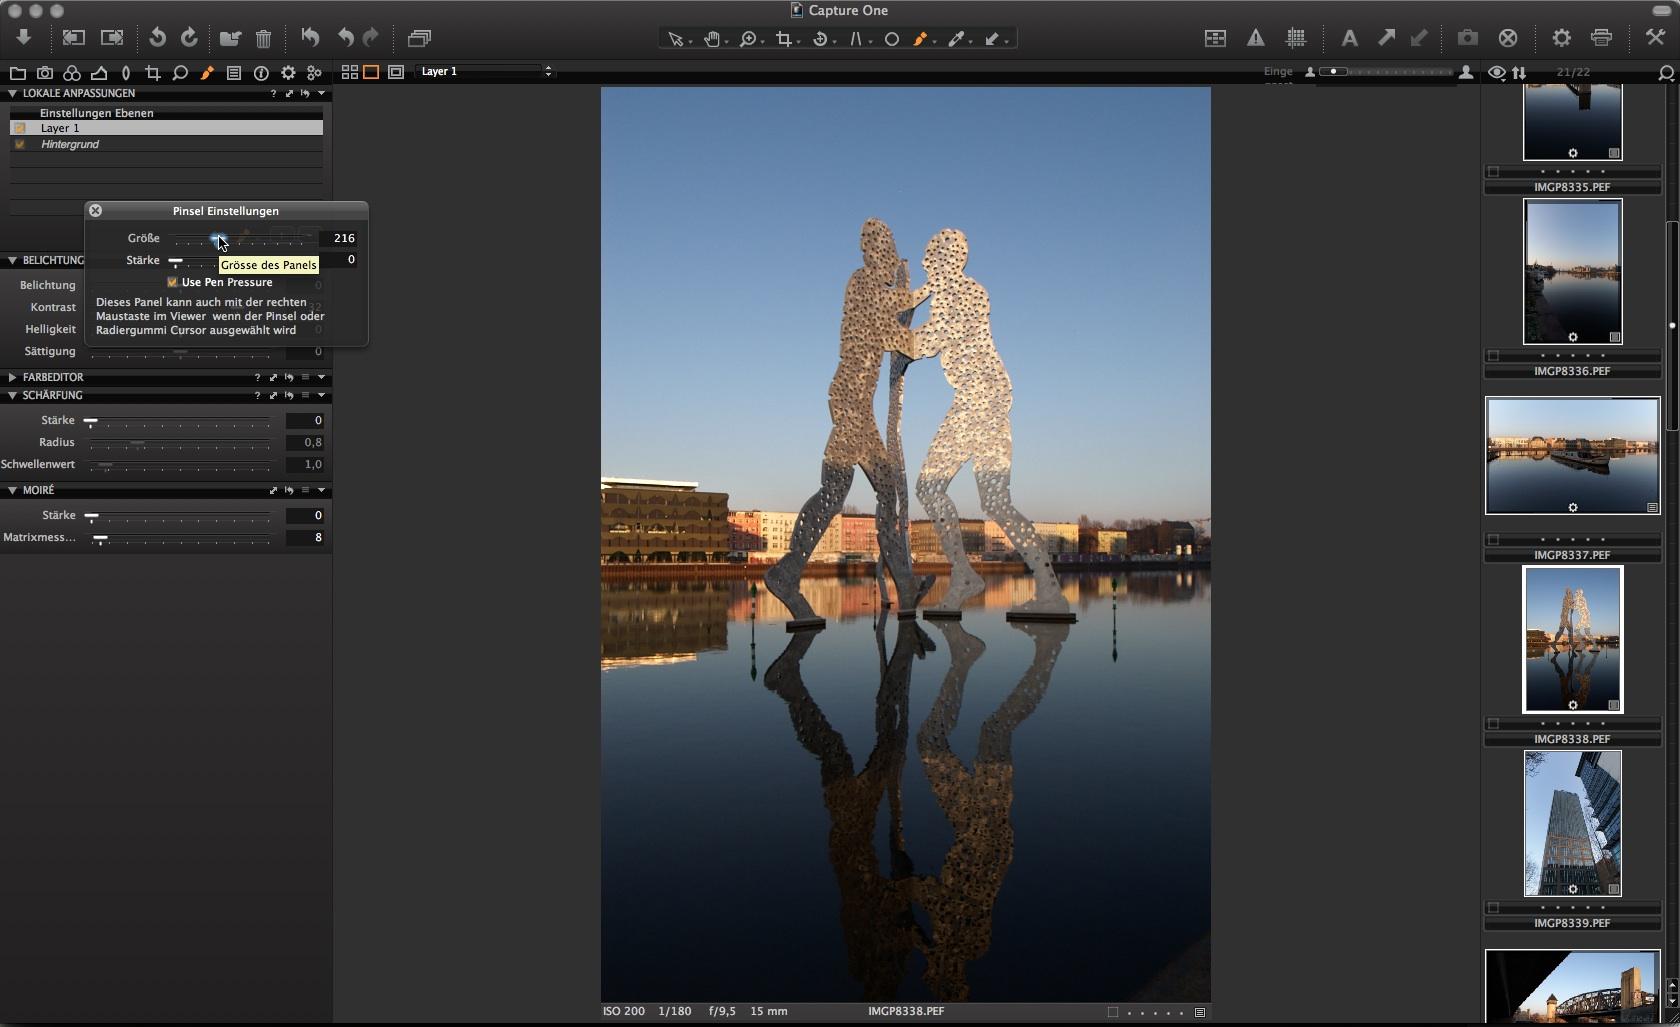 Capture One: Rohdatenentwickler unterstützt Grafiktablets -